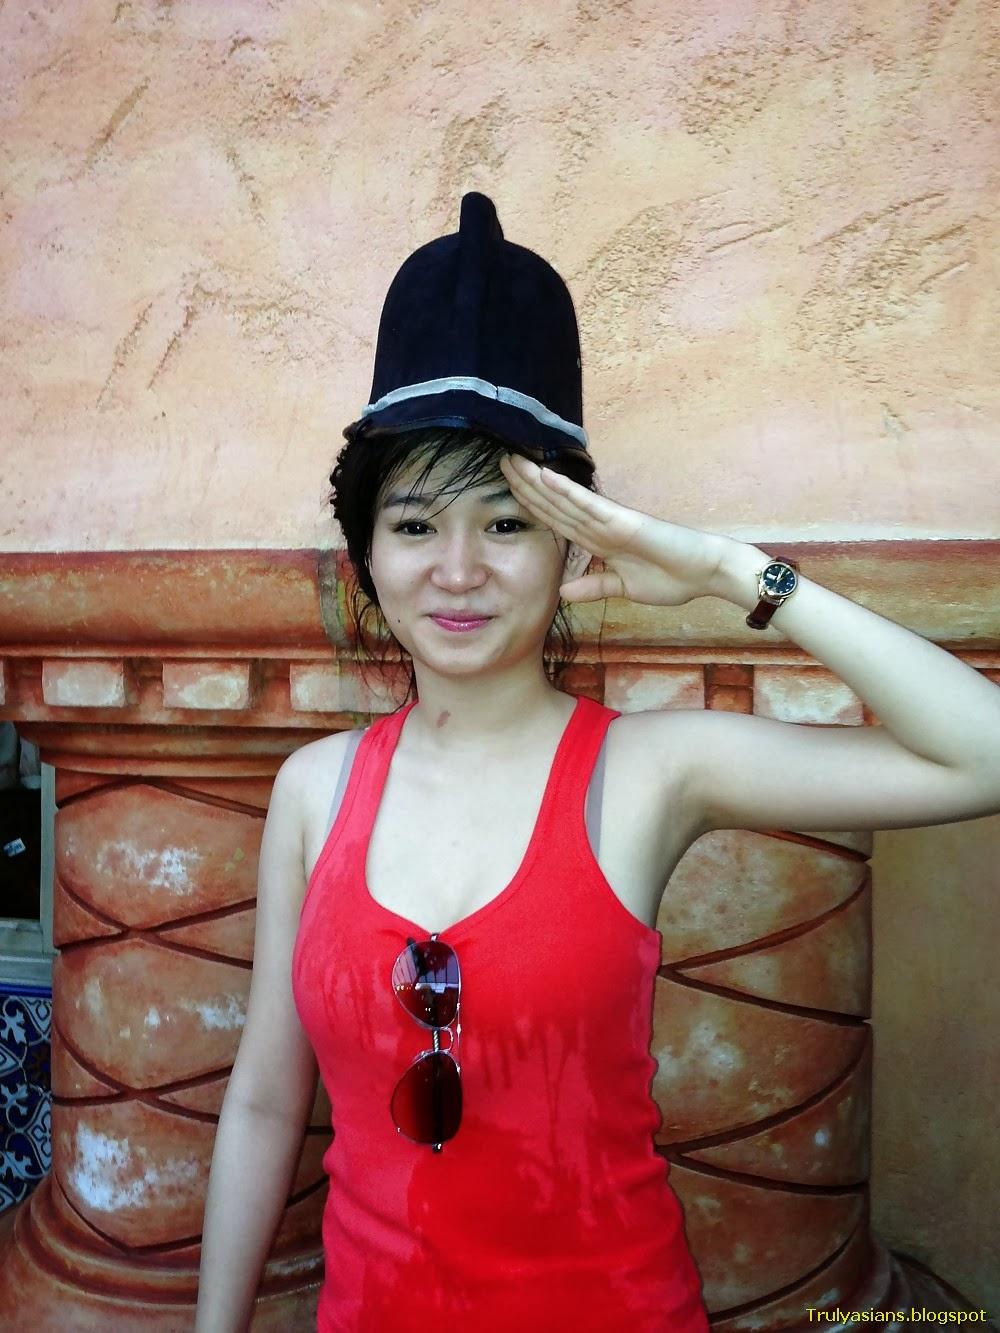 http://3.bp.blogspot.com/-Rn5xZ-m7f9U/UpZ_uKg8qfI/AAAAAAAANu8/gzkt5vlL-z0/s1600/trulyasians.blogspot+-+Taiwan+GF+Wild+Sex+in+Singapore+001+.jpg